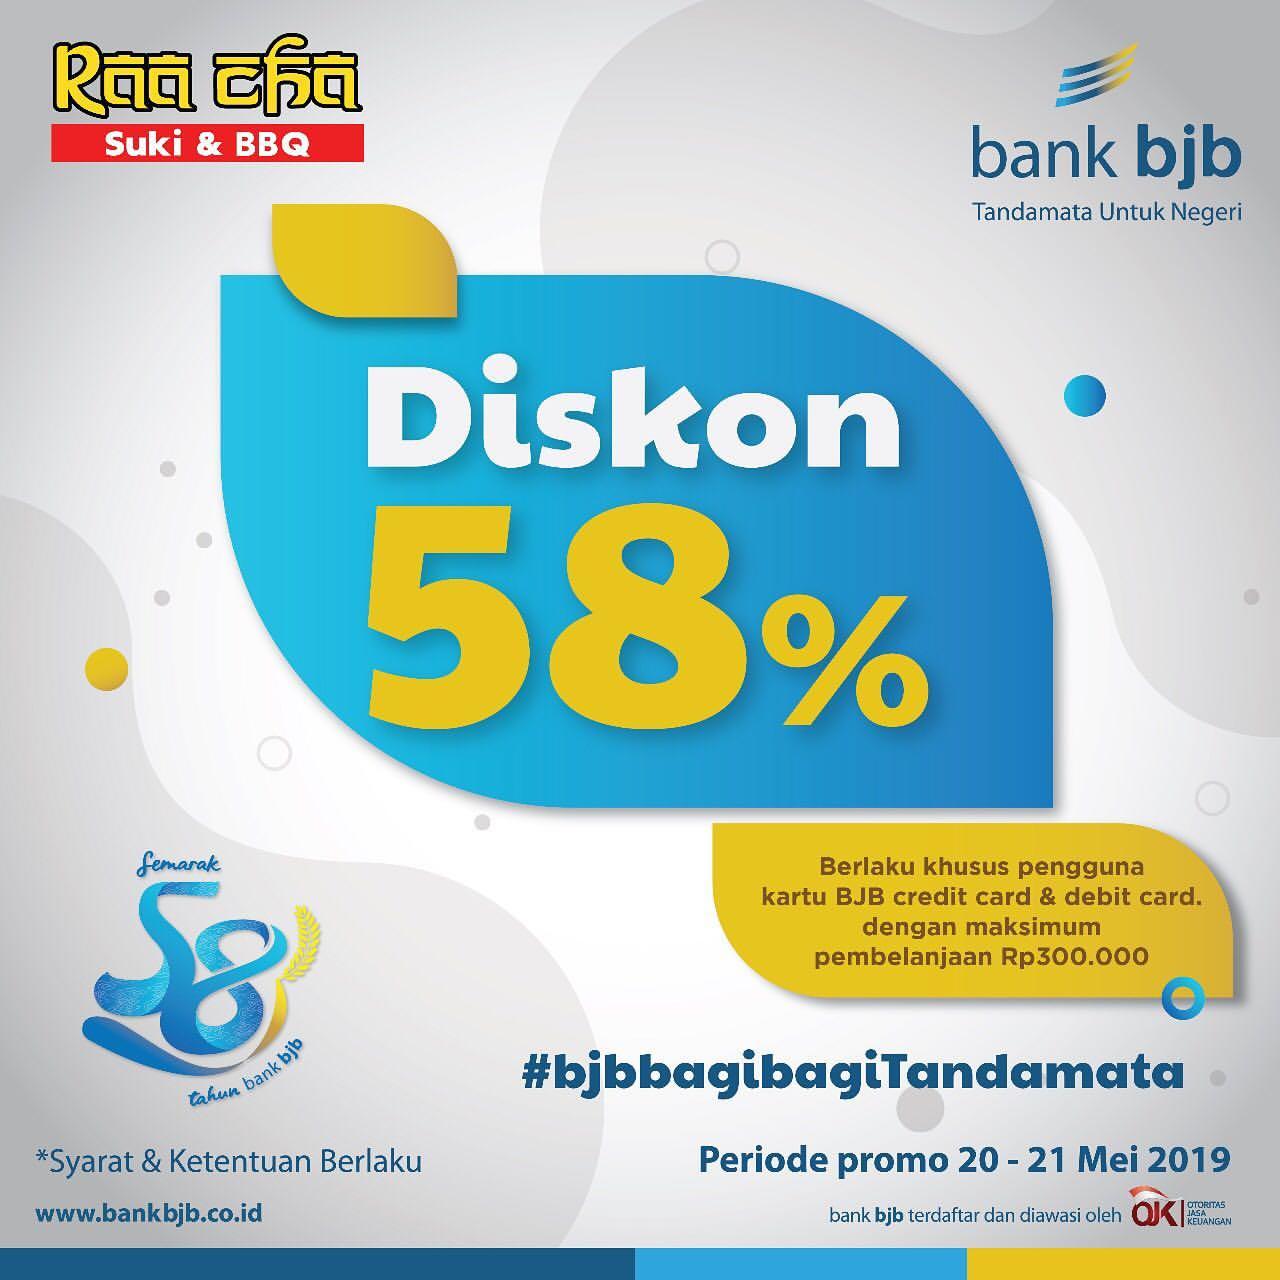 Raa Cha Promo Diskon 58% dengan Kartu Debit dan Kartu Kredit Bank BJB